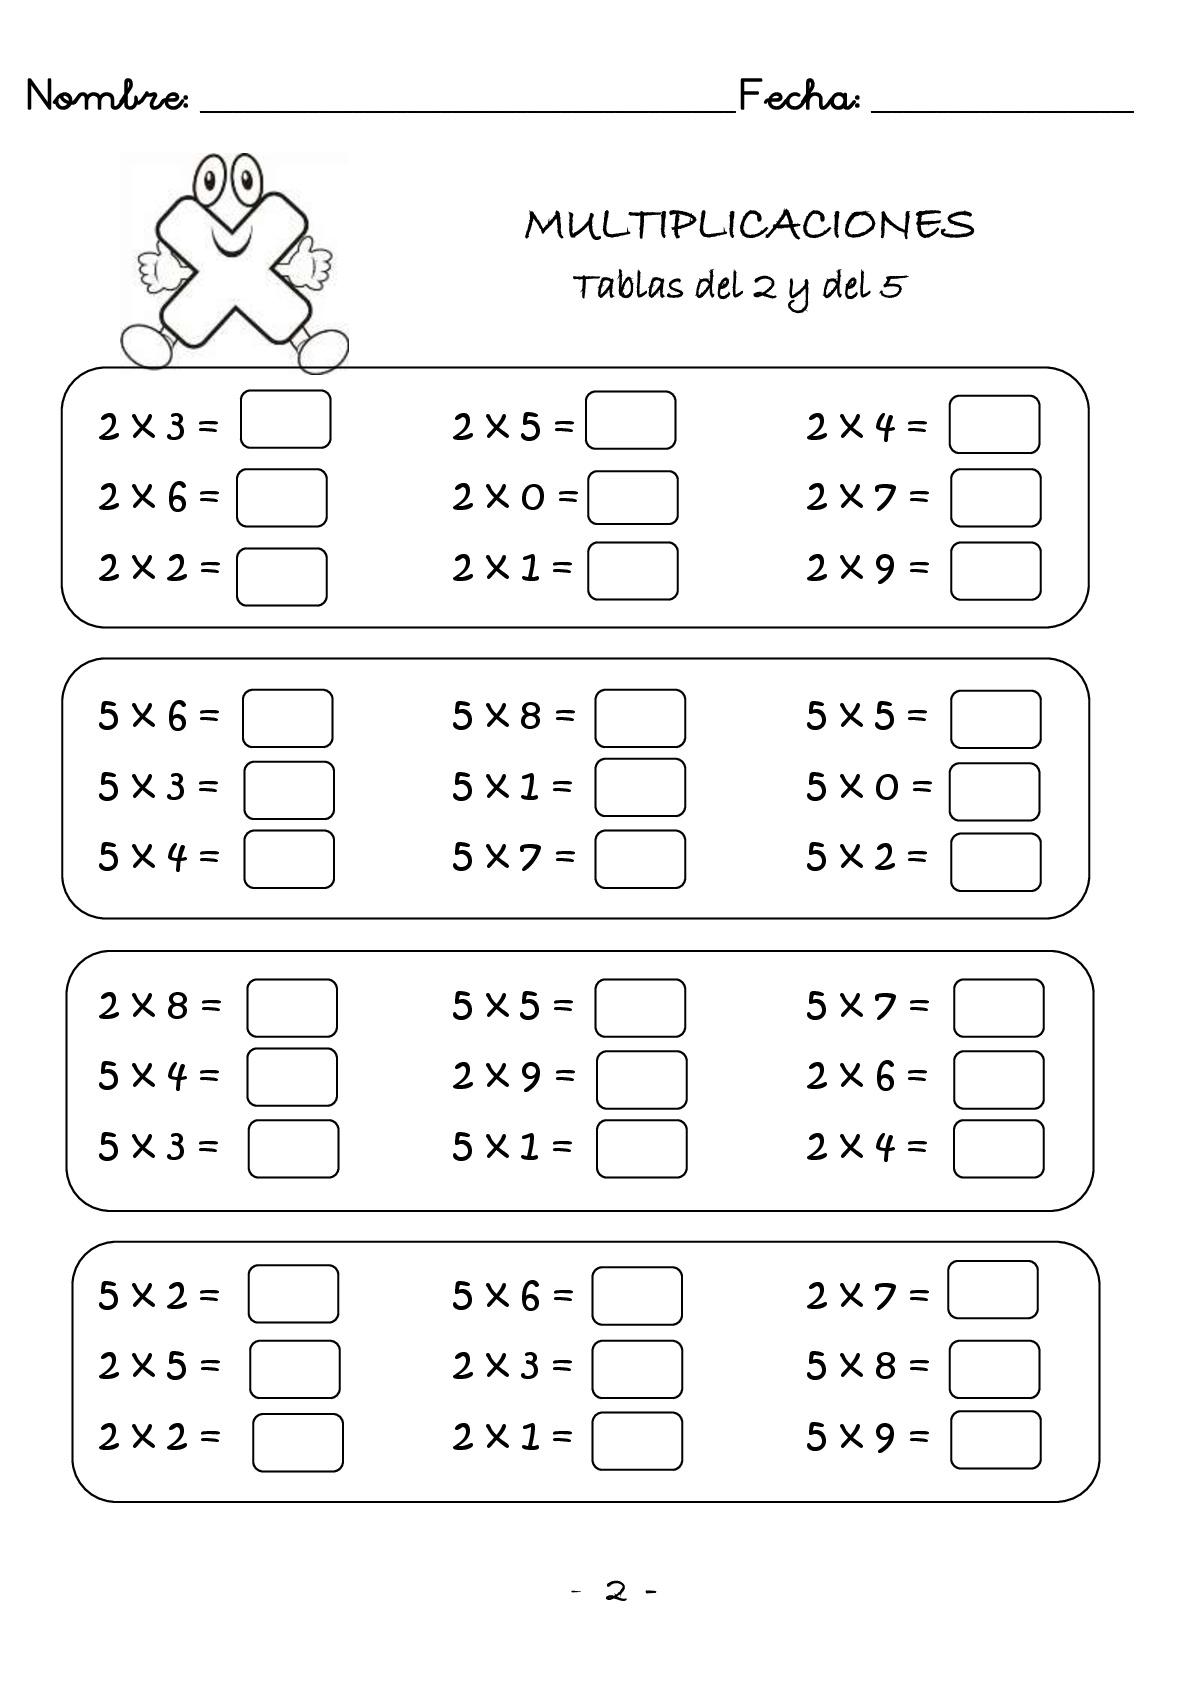 multiplicaciones-rapidas-una-cifra-protegido-003